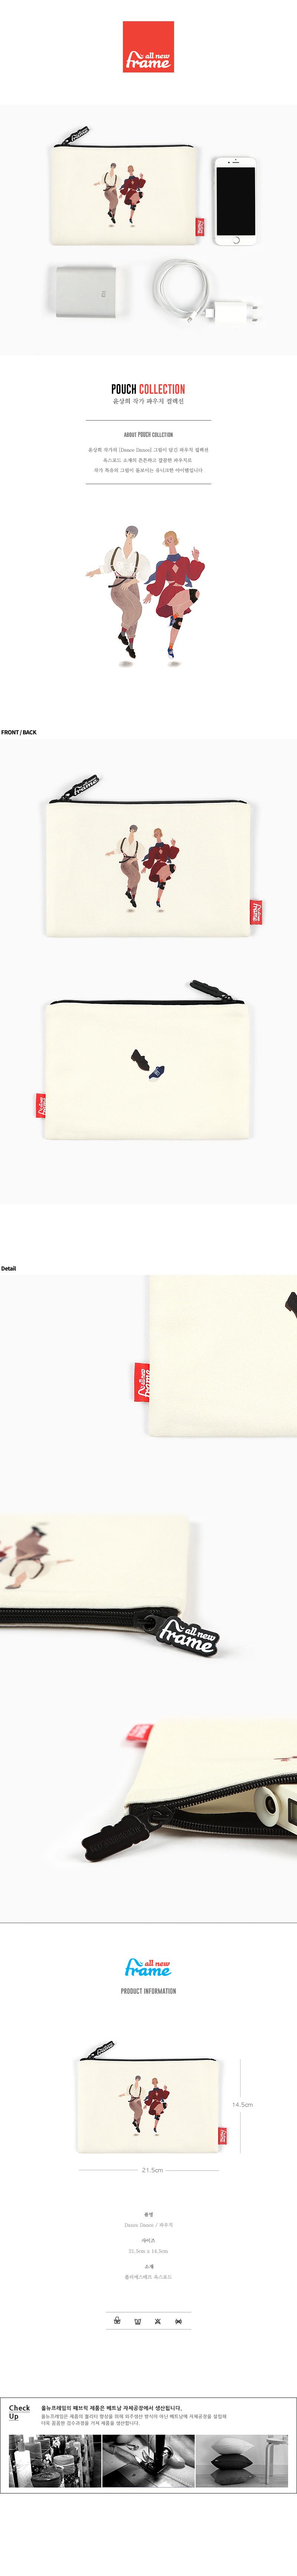 (파우치) Dance Dance - 올뉴프레임, 8,500원, 다용도파우치, 지퍼형